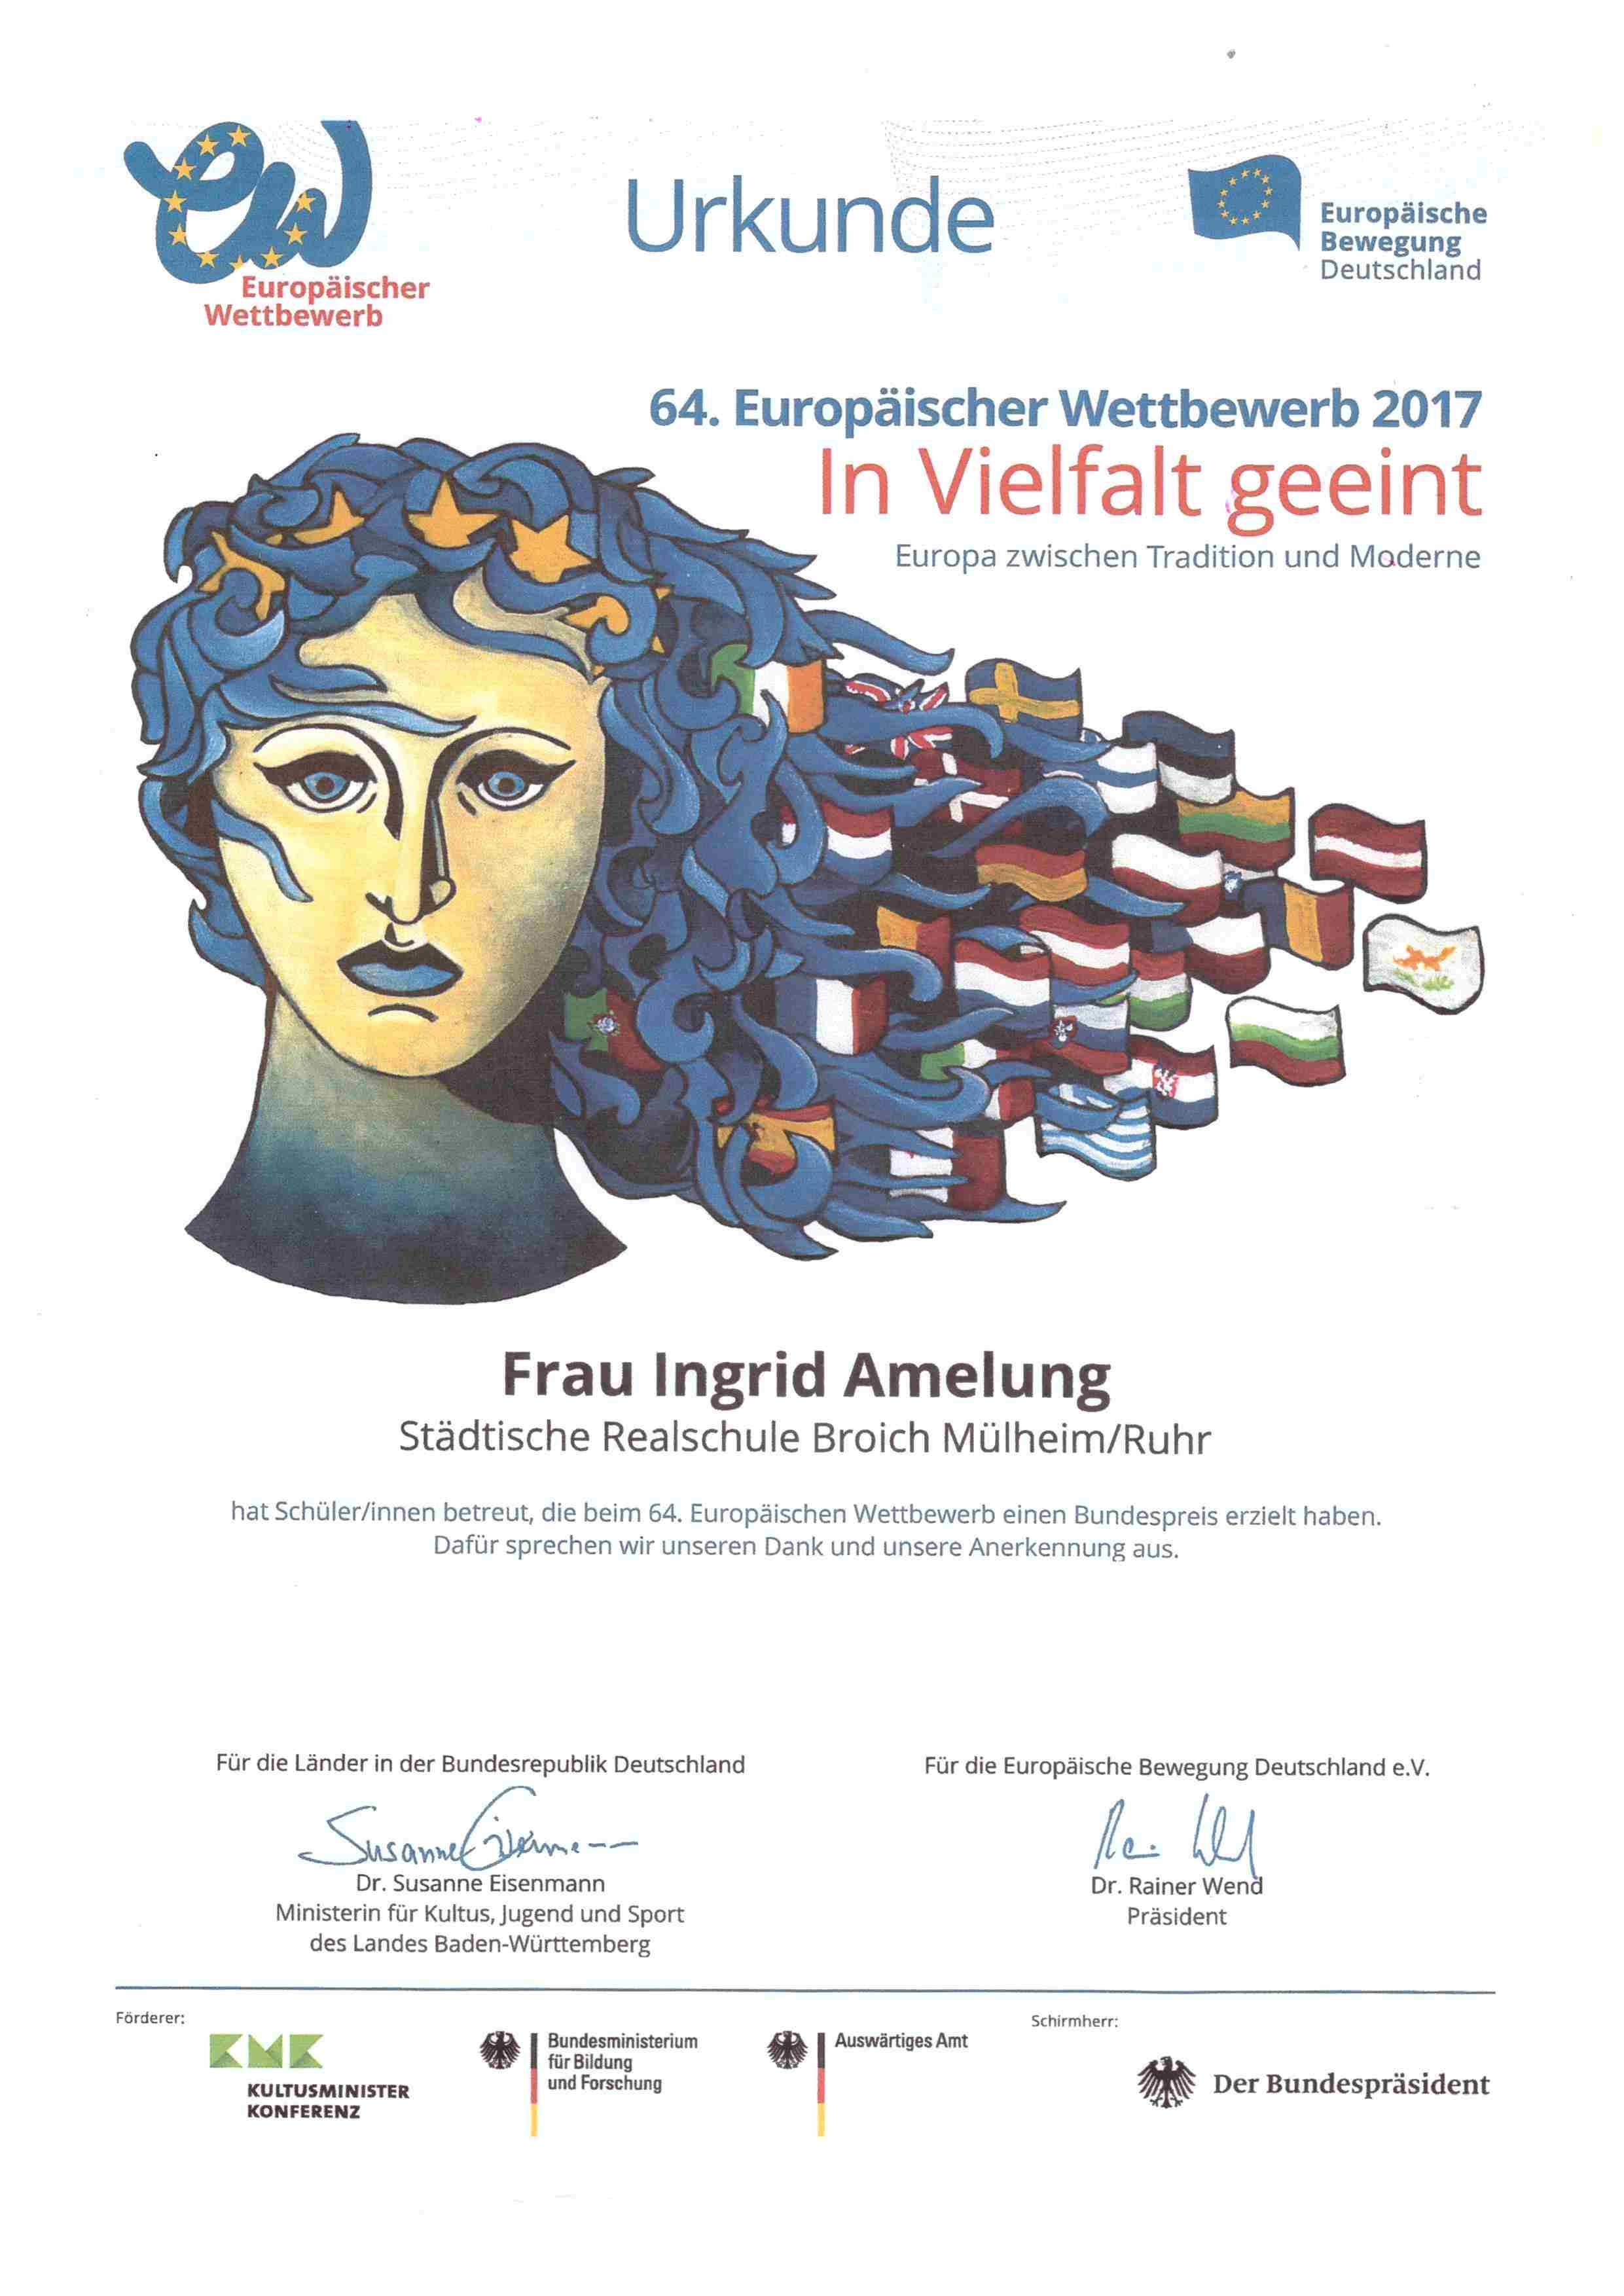 17 Urkunde Europ Wettbewerb.10